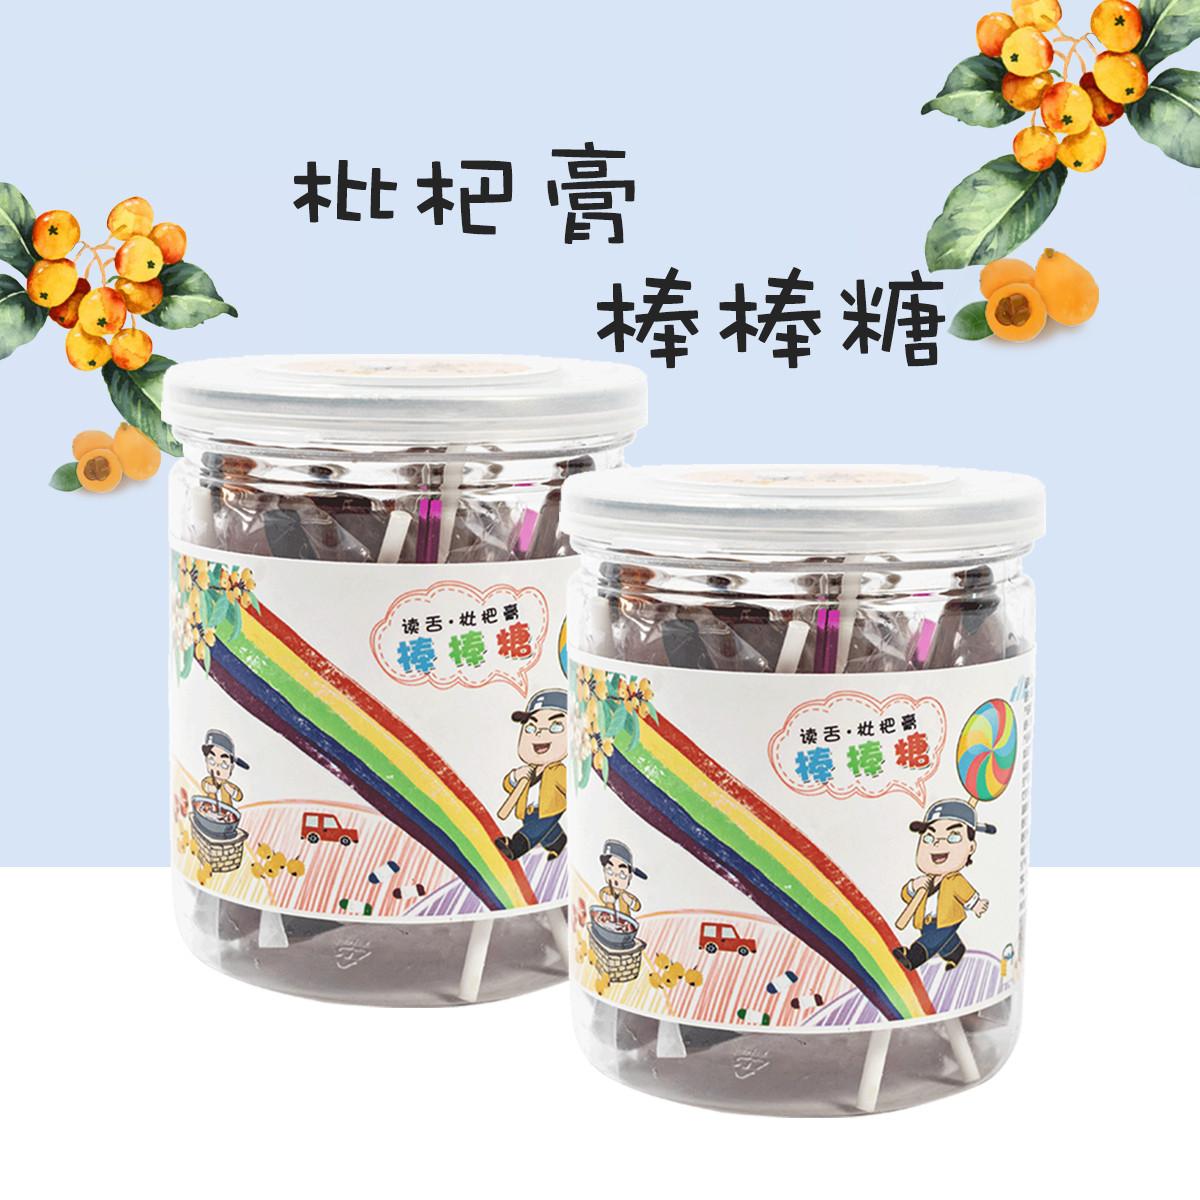 读舌儿童枇杷膏棒棒糖130g罐装休闲零食麦芽糖果卡通可爱创意2罐COLOR枇杷膏棒棒糖130g*2罐